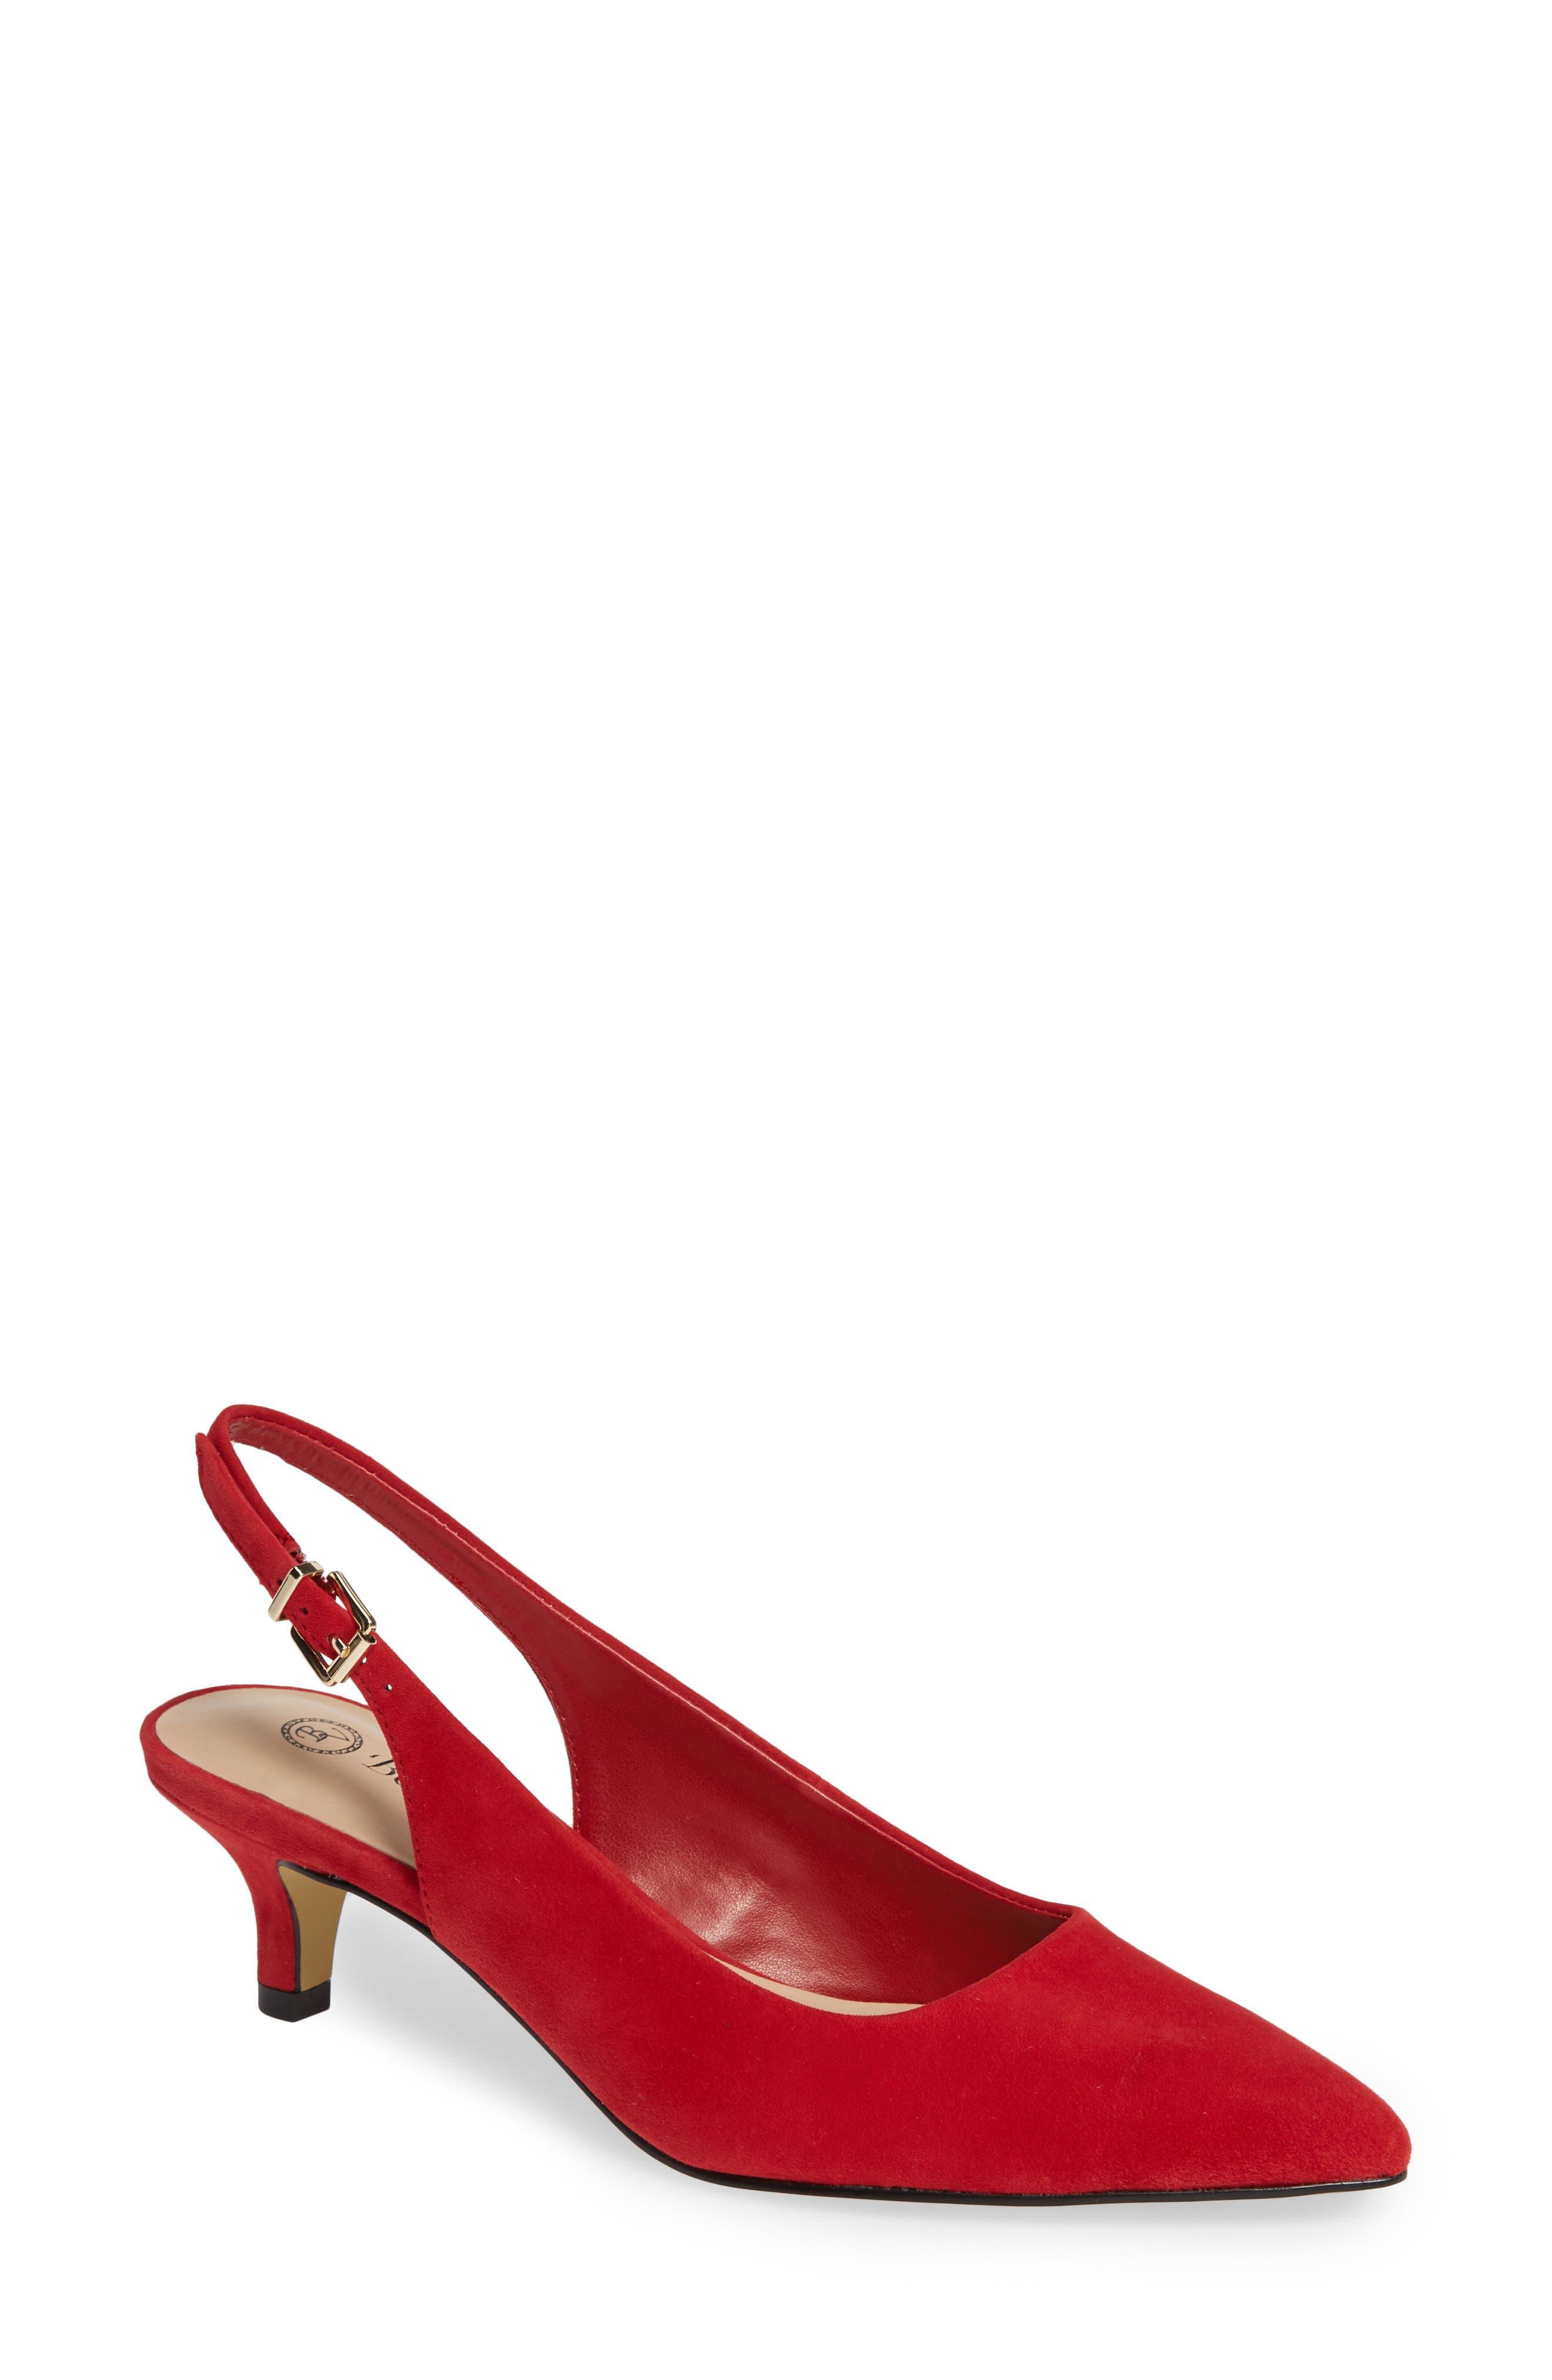 Bella Vita Scarlette Slingback Pump- Red